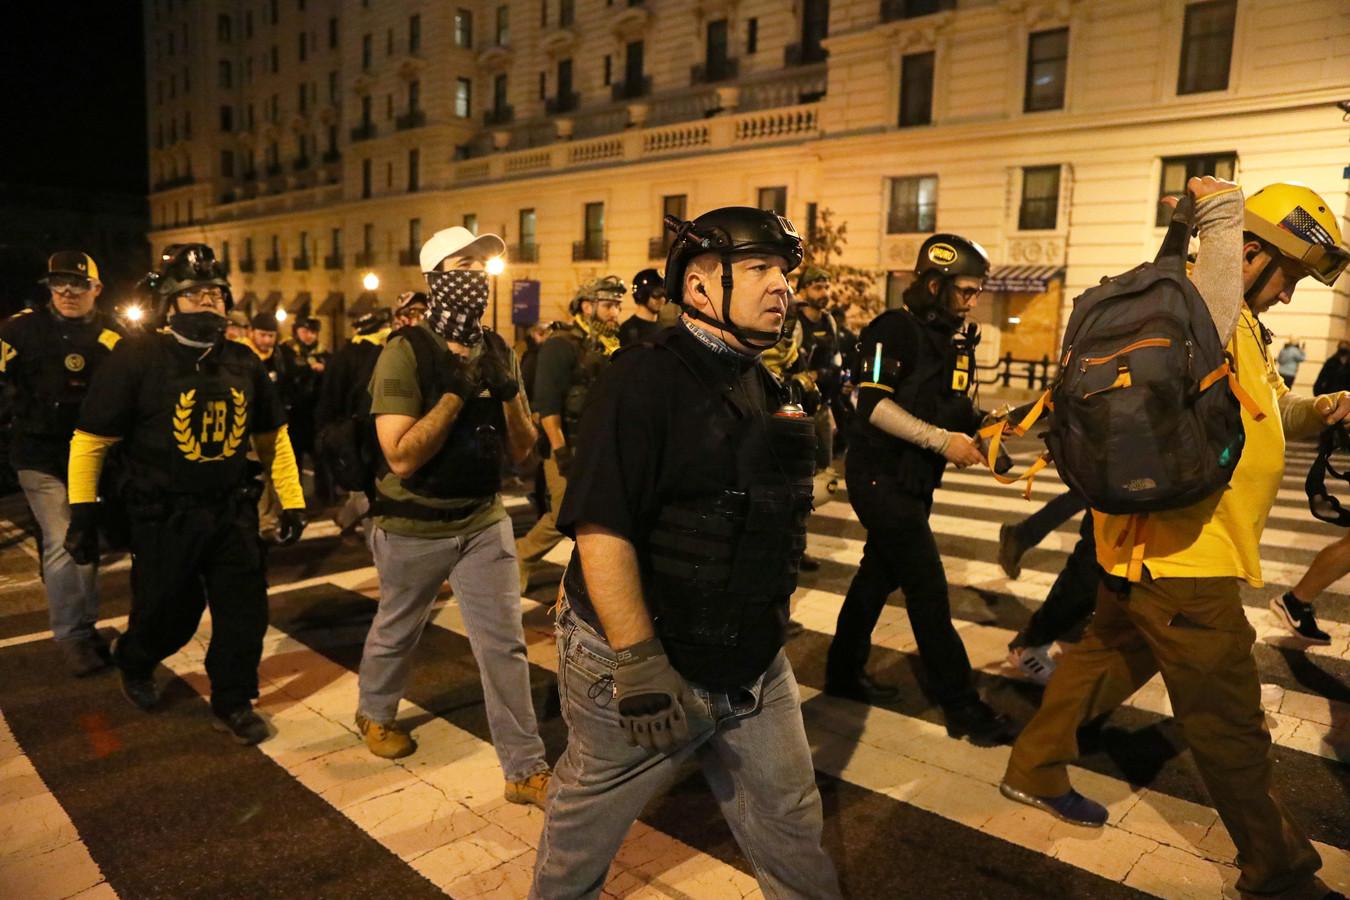 Des membres du groupe d'extrême droite Proud Boys défilent pour protester contre les résultats de l'élection, à Washington, aux États-Unis, le 12 décembre 2020.